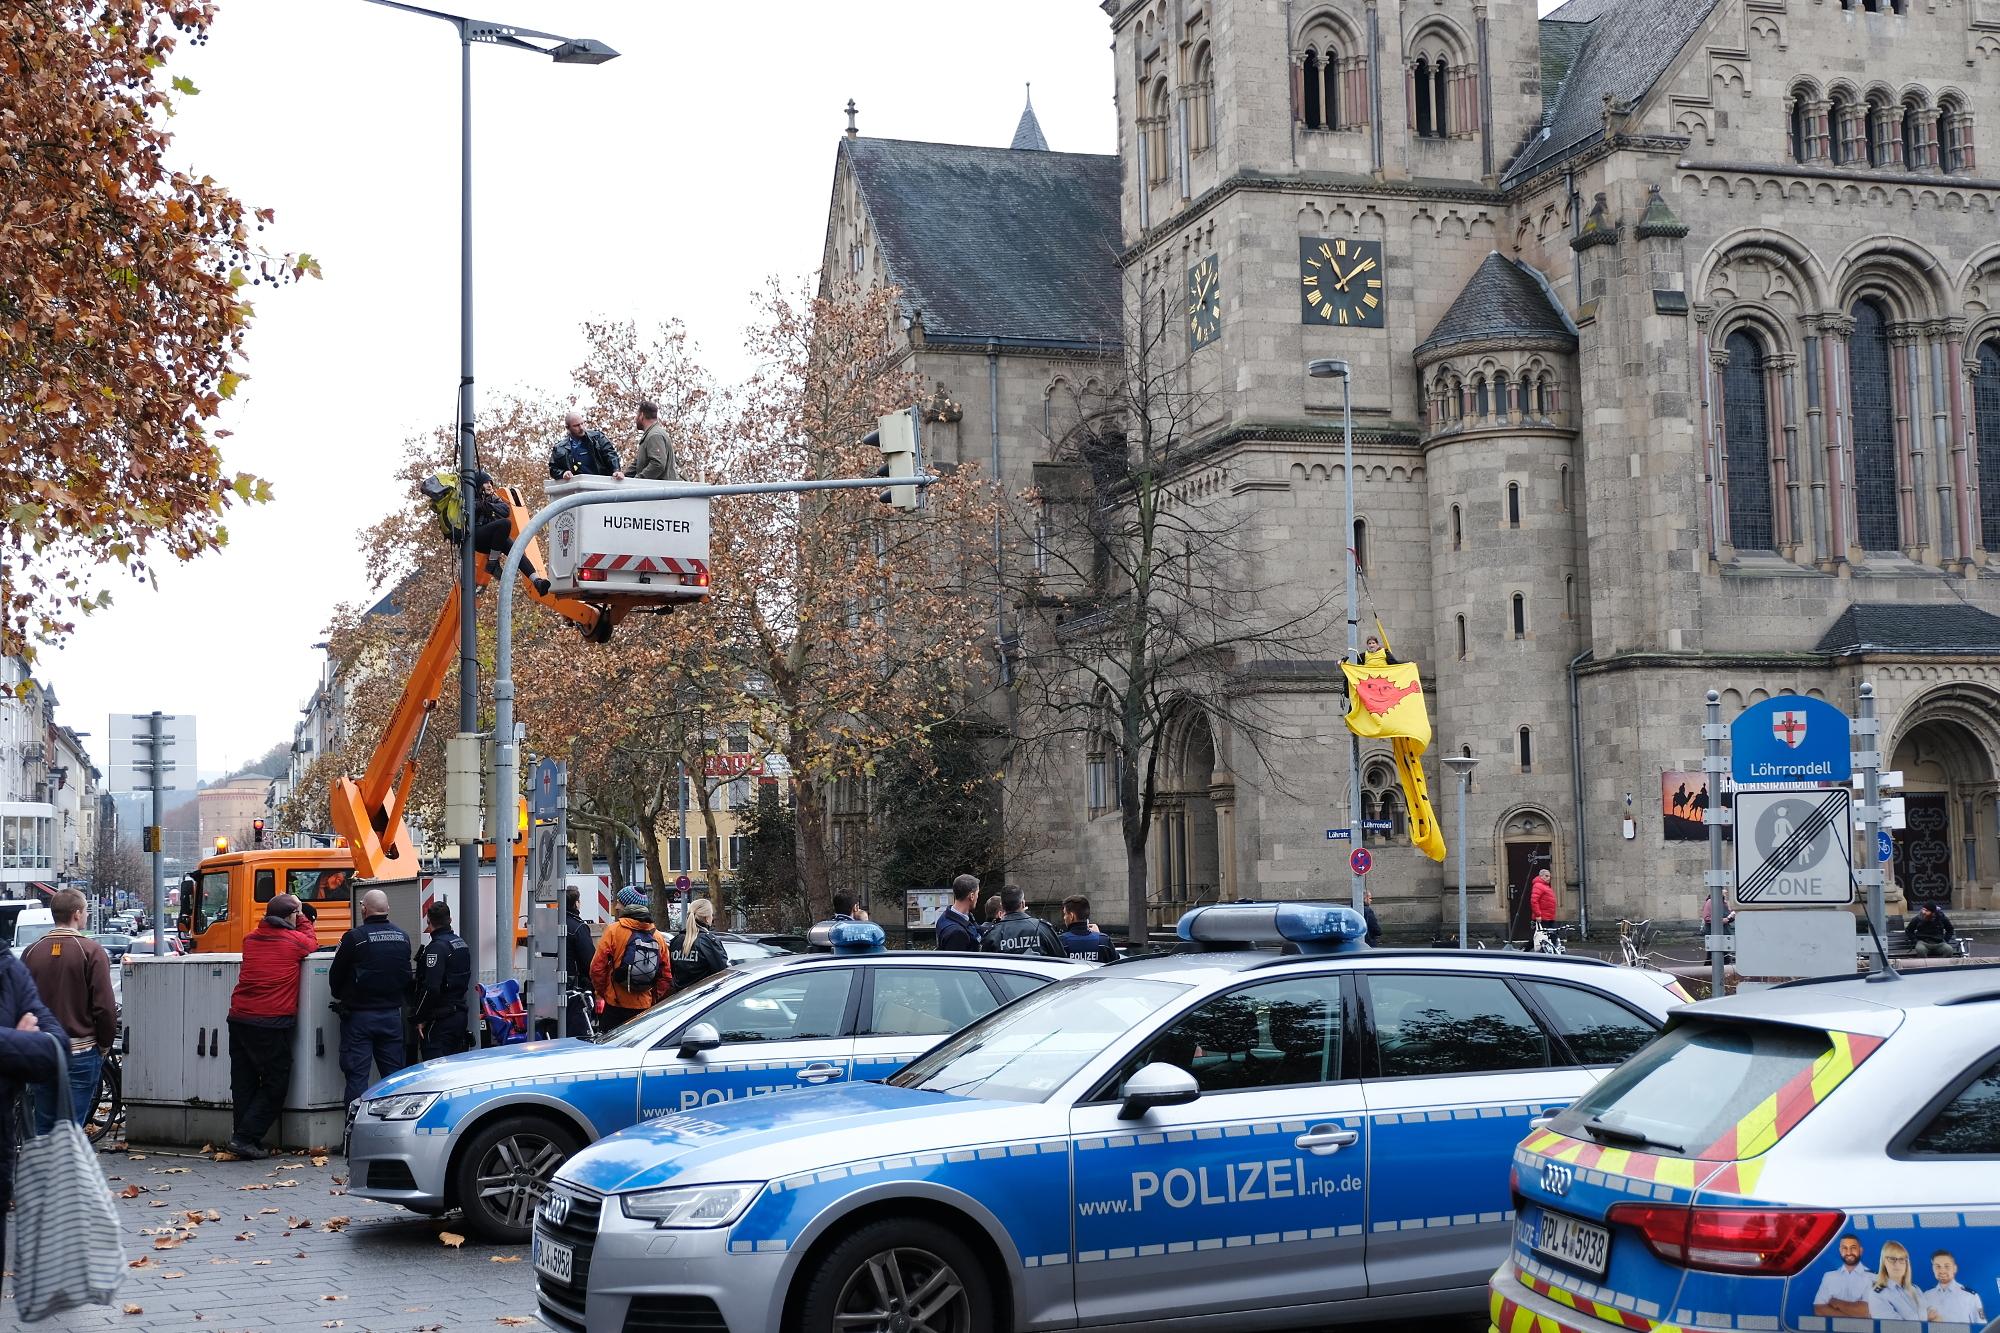 Polizei räumte Kletteraktion gegen Urantransporte in Koblenz am 30.11.2018